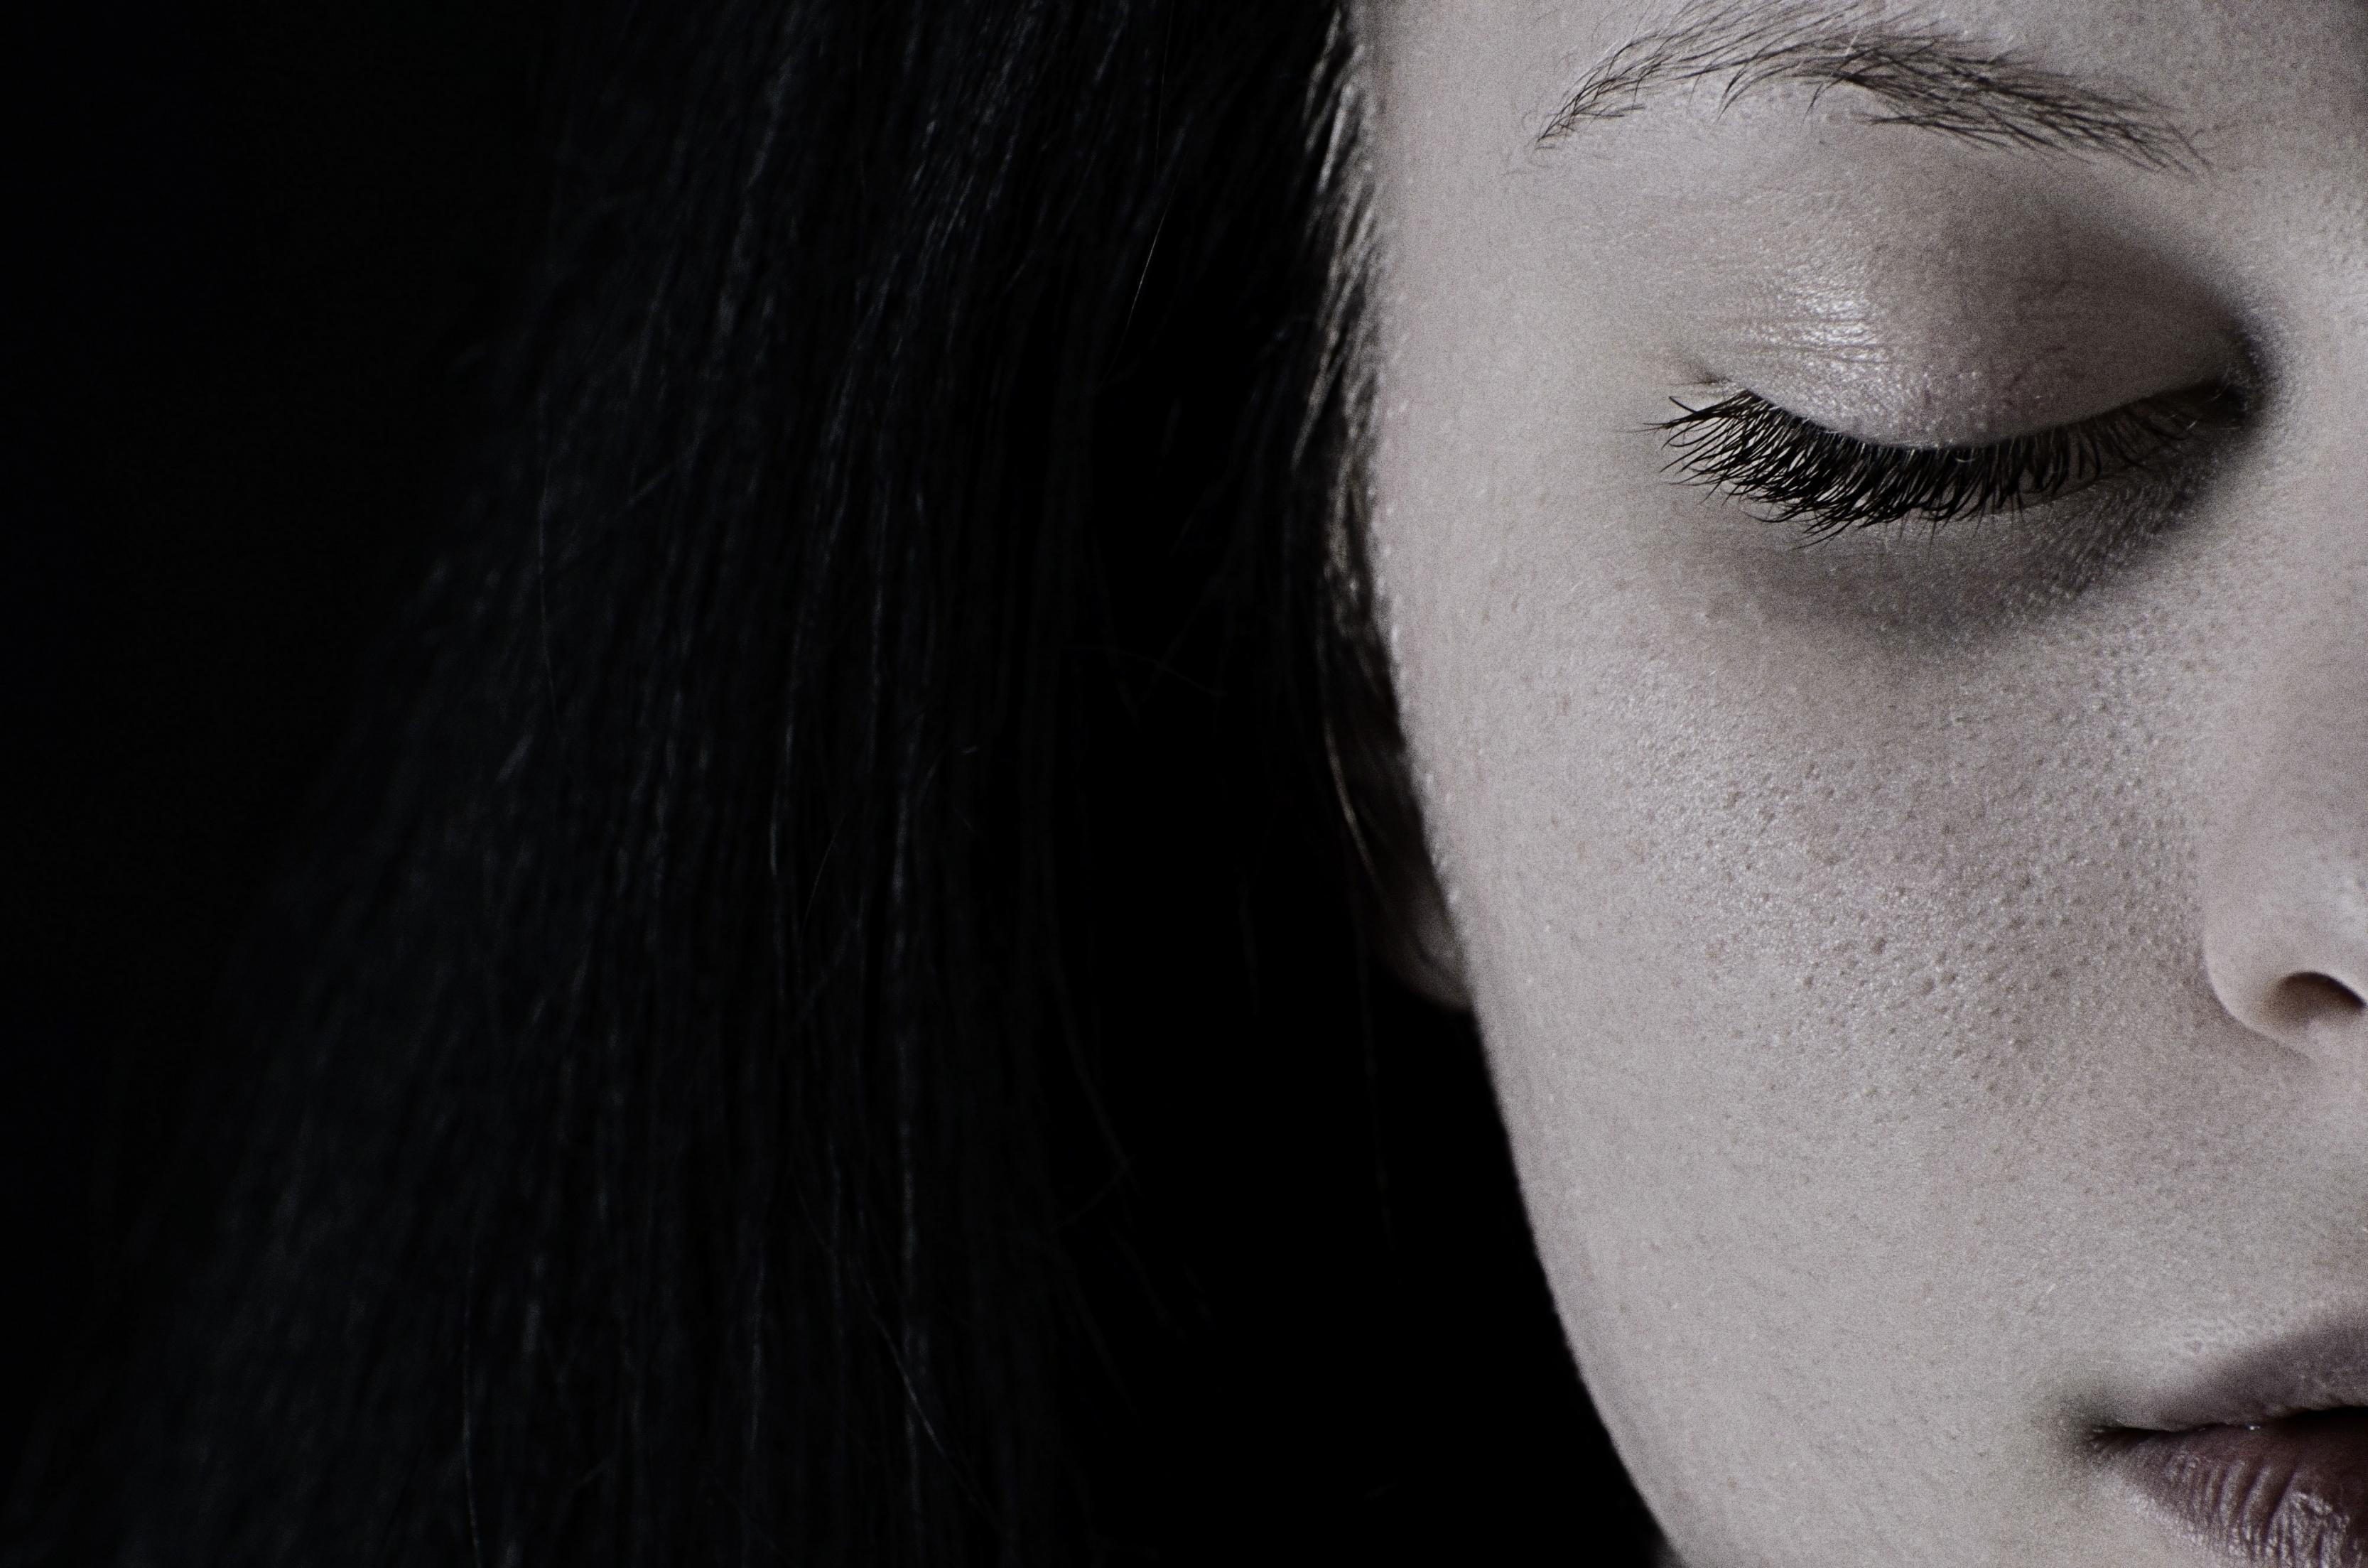 بالصور خلفيات حزينه , صور تعبر عن الحزن للتحميل 5249 8